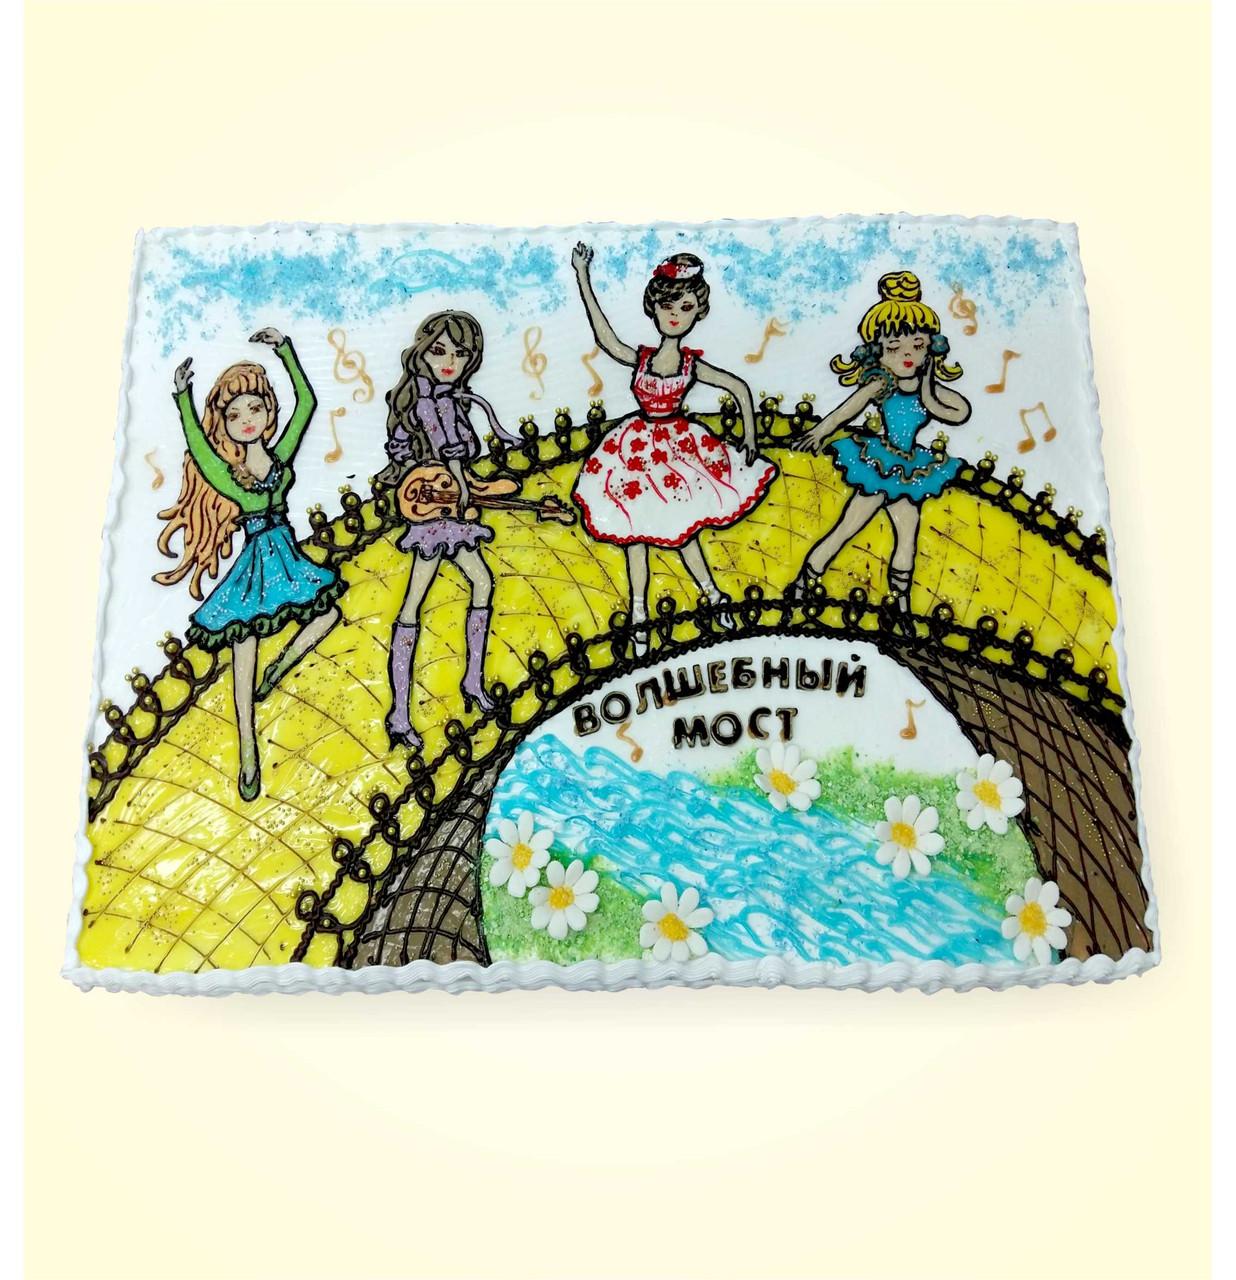 """Детский торт на заказ """"Волшебный мост"""""""